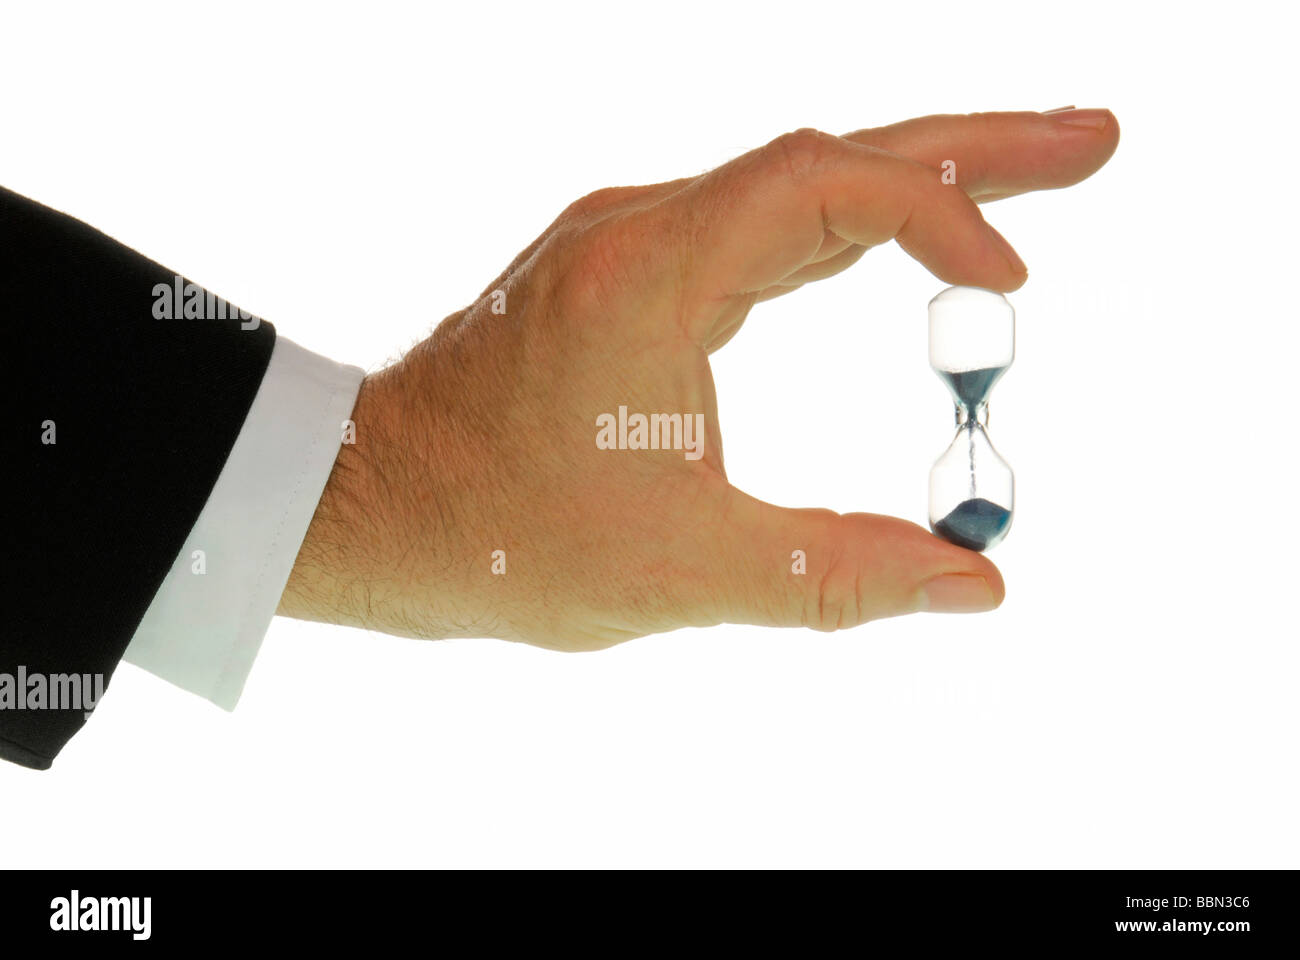 Manager la main avec hourglass, image symbolique de la pression du temps Photo Stock